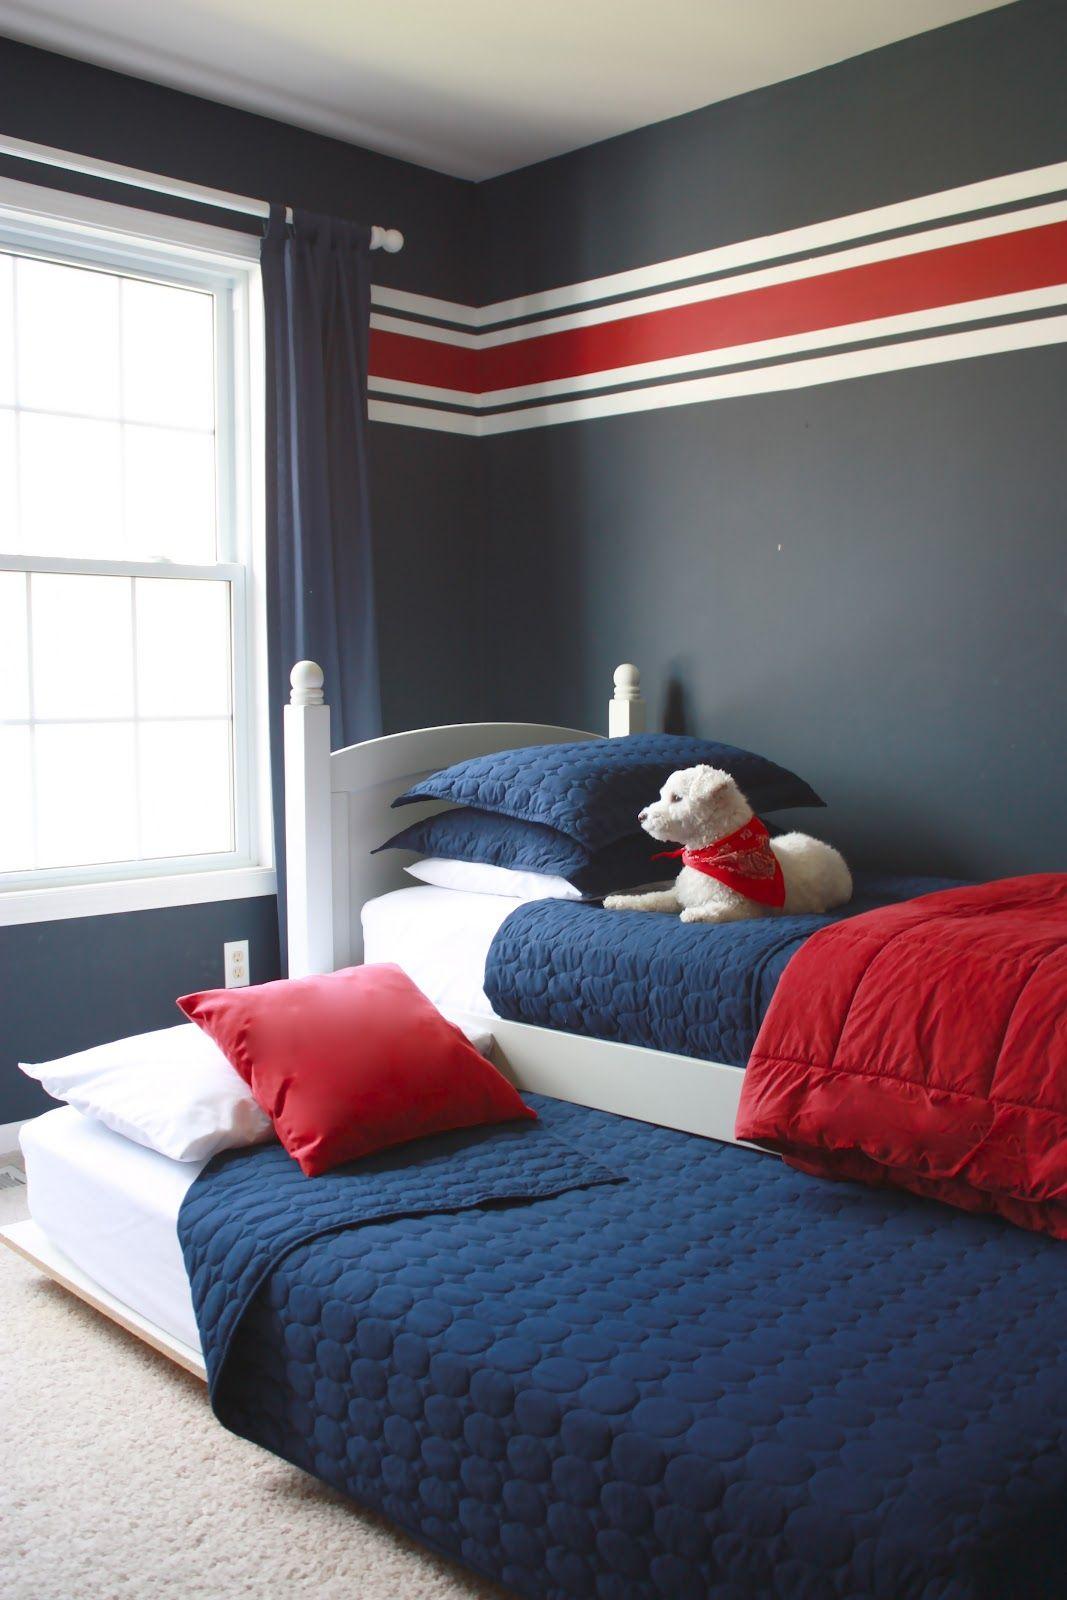 Какой должна быть идеальная кровать для мальчика? (26 фото)